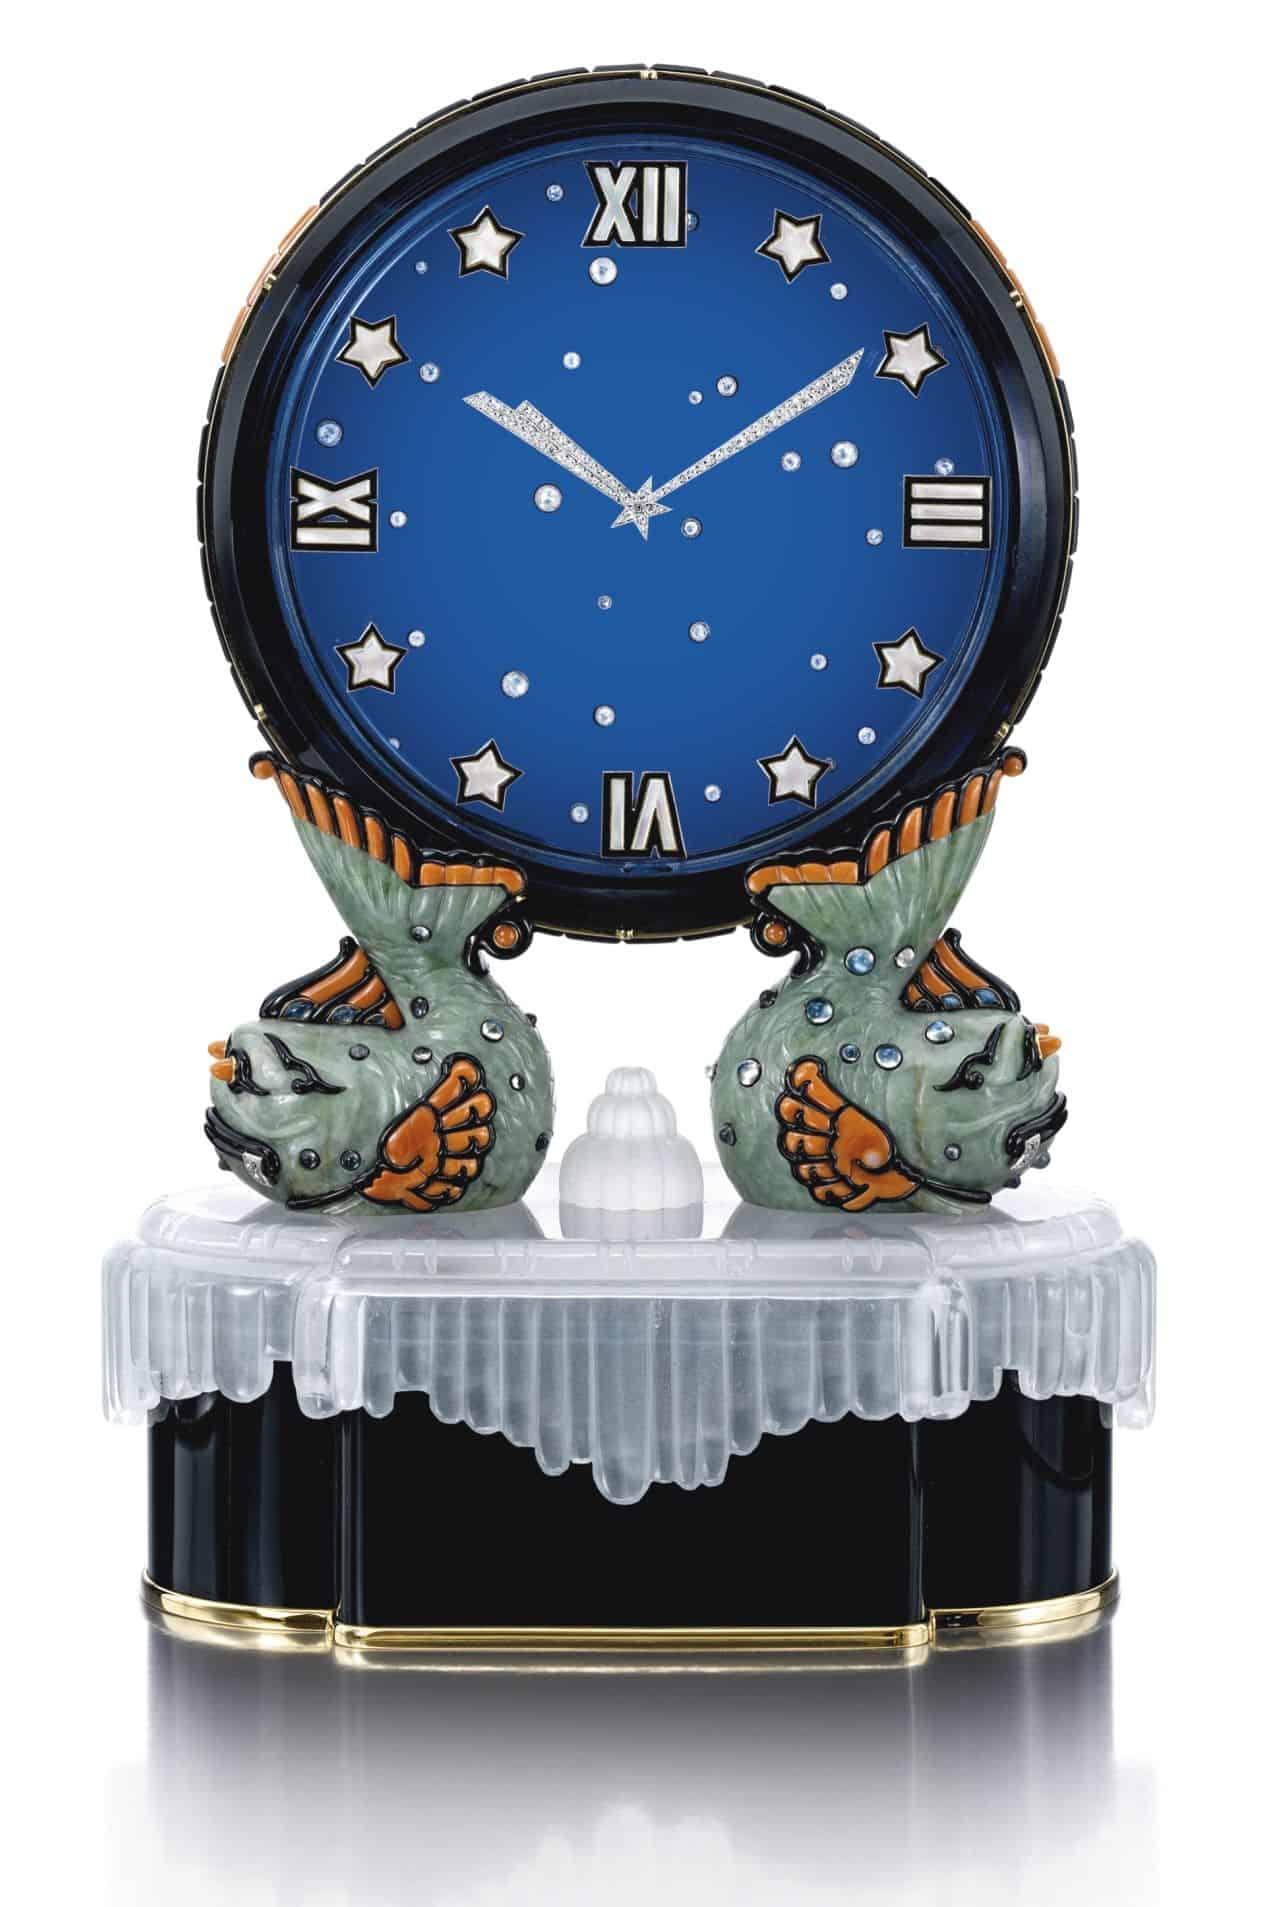 Lot 1790 - Superb and Rare Art Deco Gem Set and Diamond Mystery Clock, 'Le Ciel', Cartier, 1928